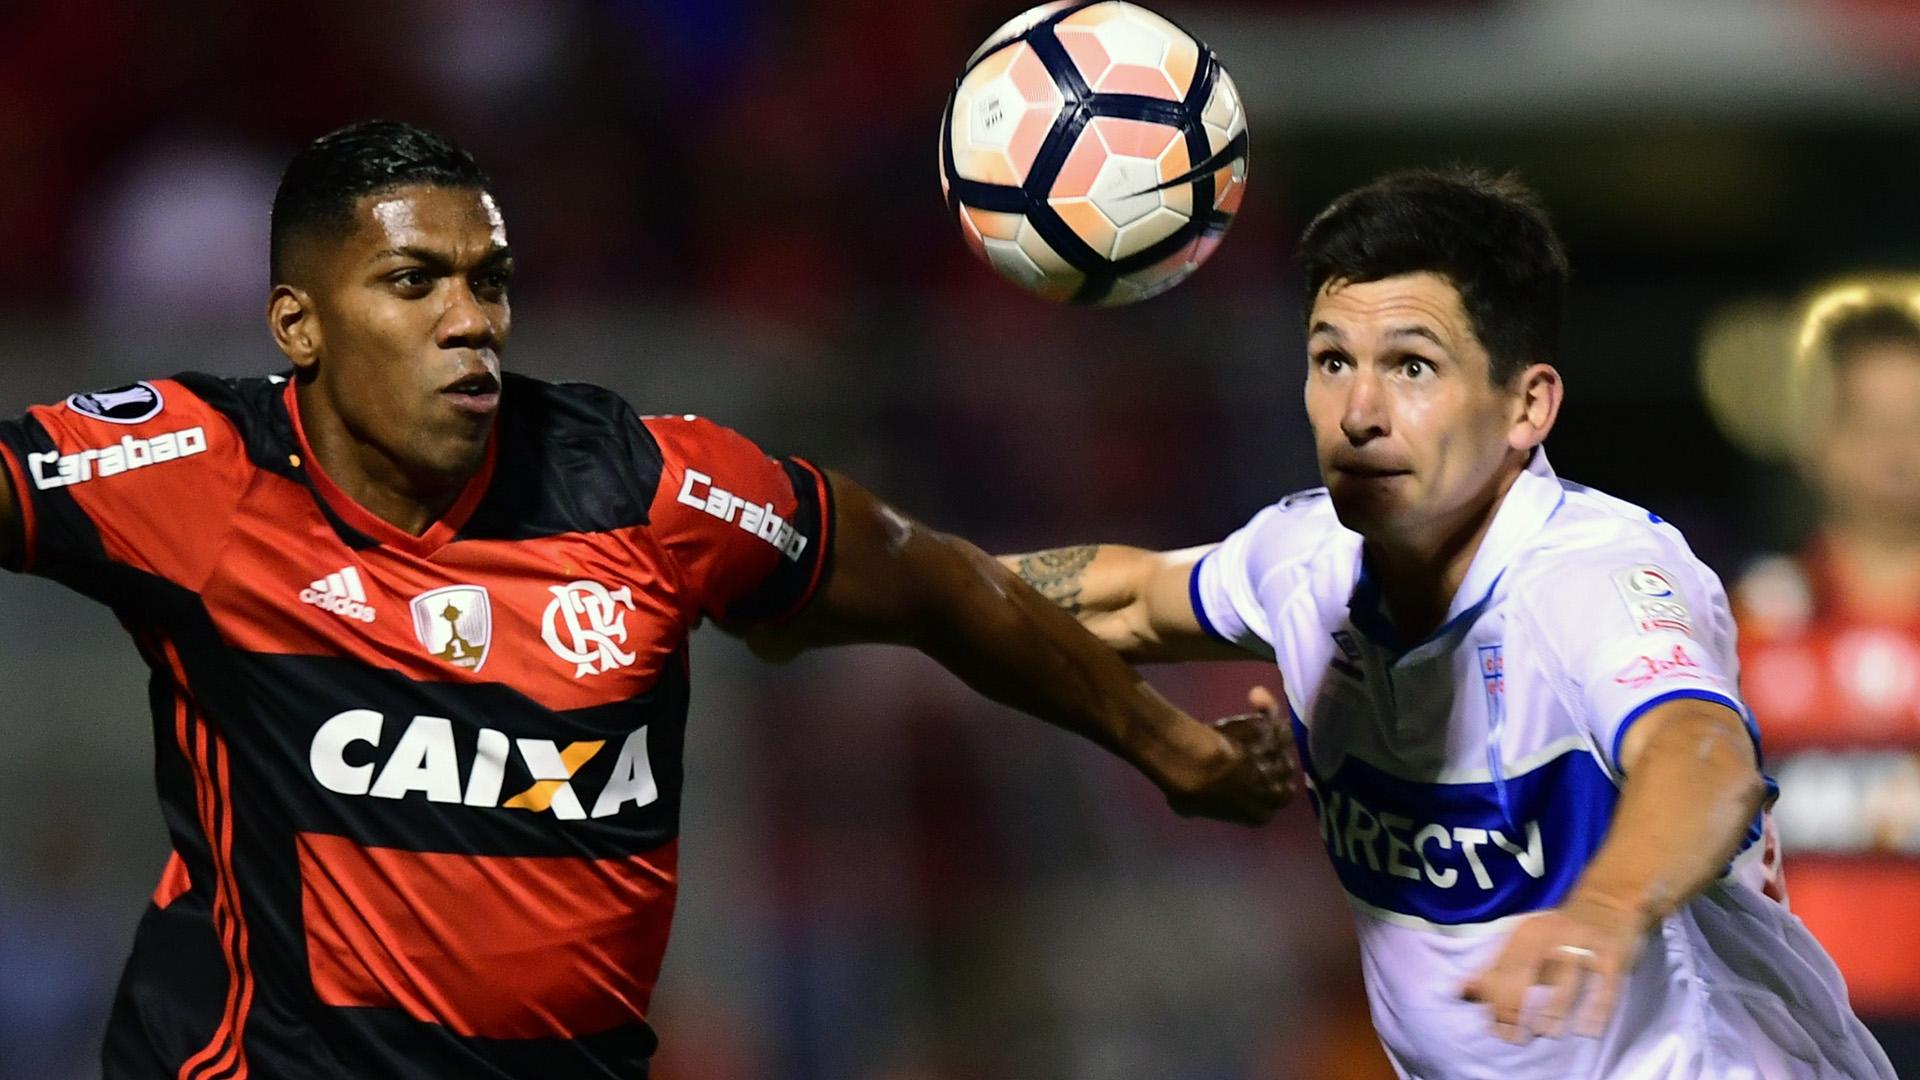 Orlando Berrio German Lanaro Universidad Catolica Flamengo Copa Libertadores 15032017